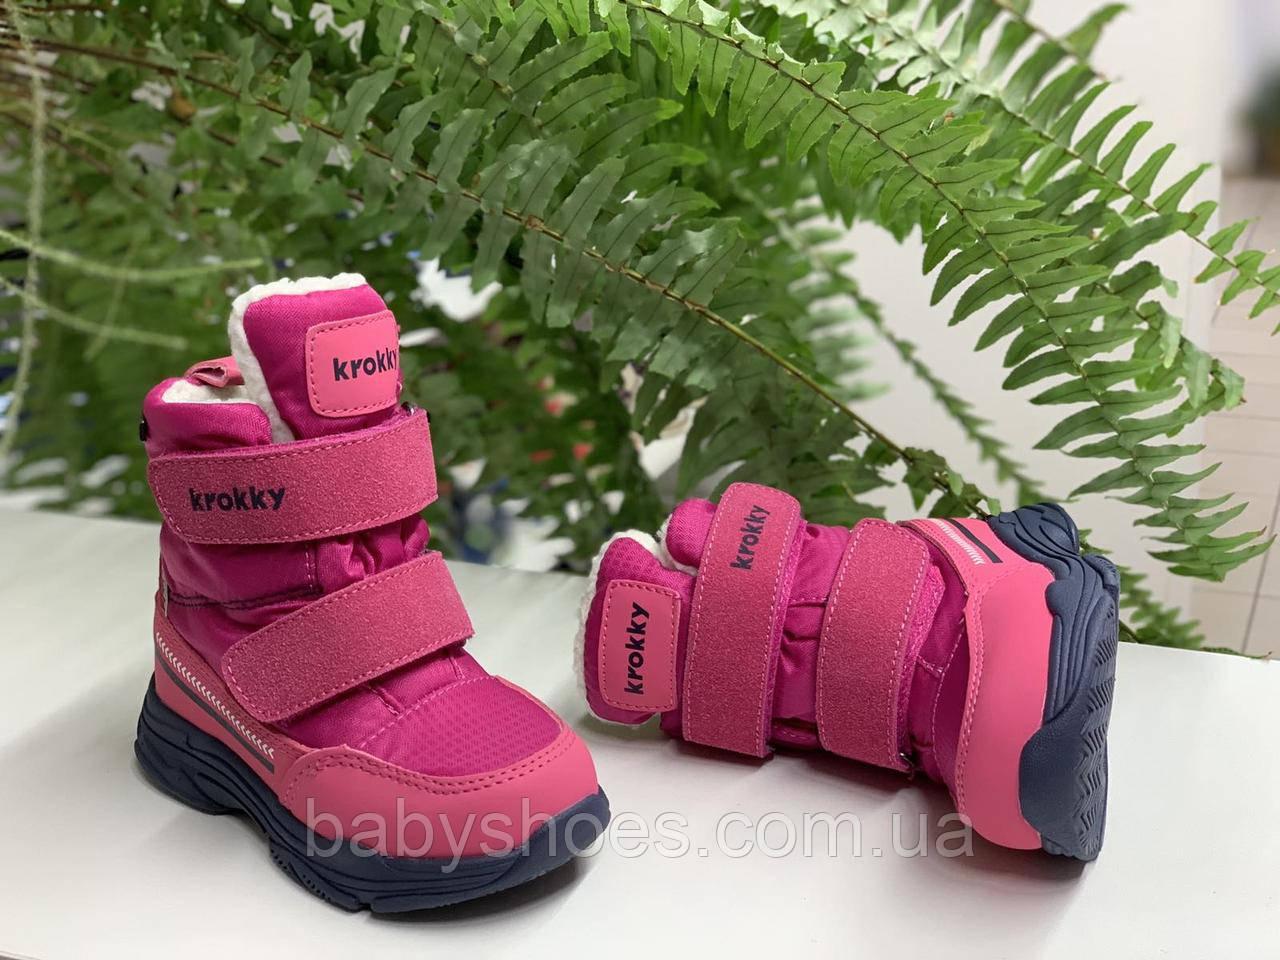 Детские зимние ботинки для девочки Krokky (Словения) чёрные мембрана р. 27, мод.80900